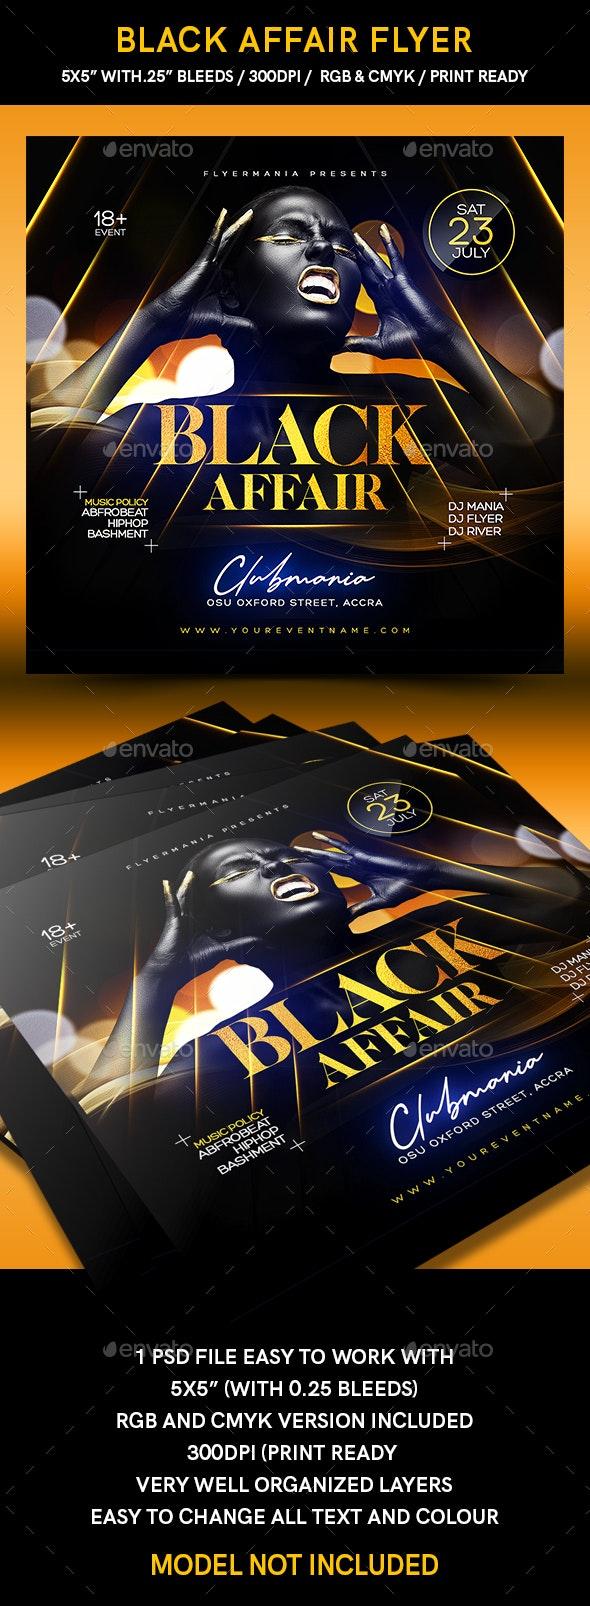 Black Affair Flyer - Flyers Print Templates